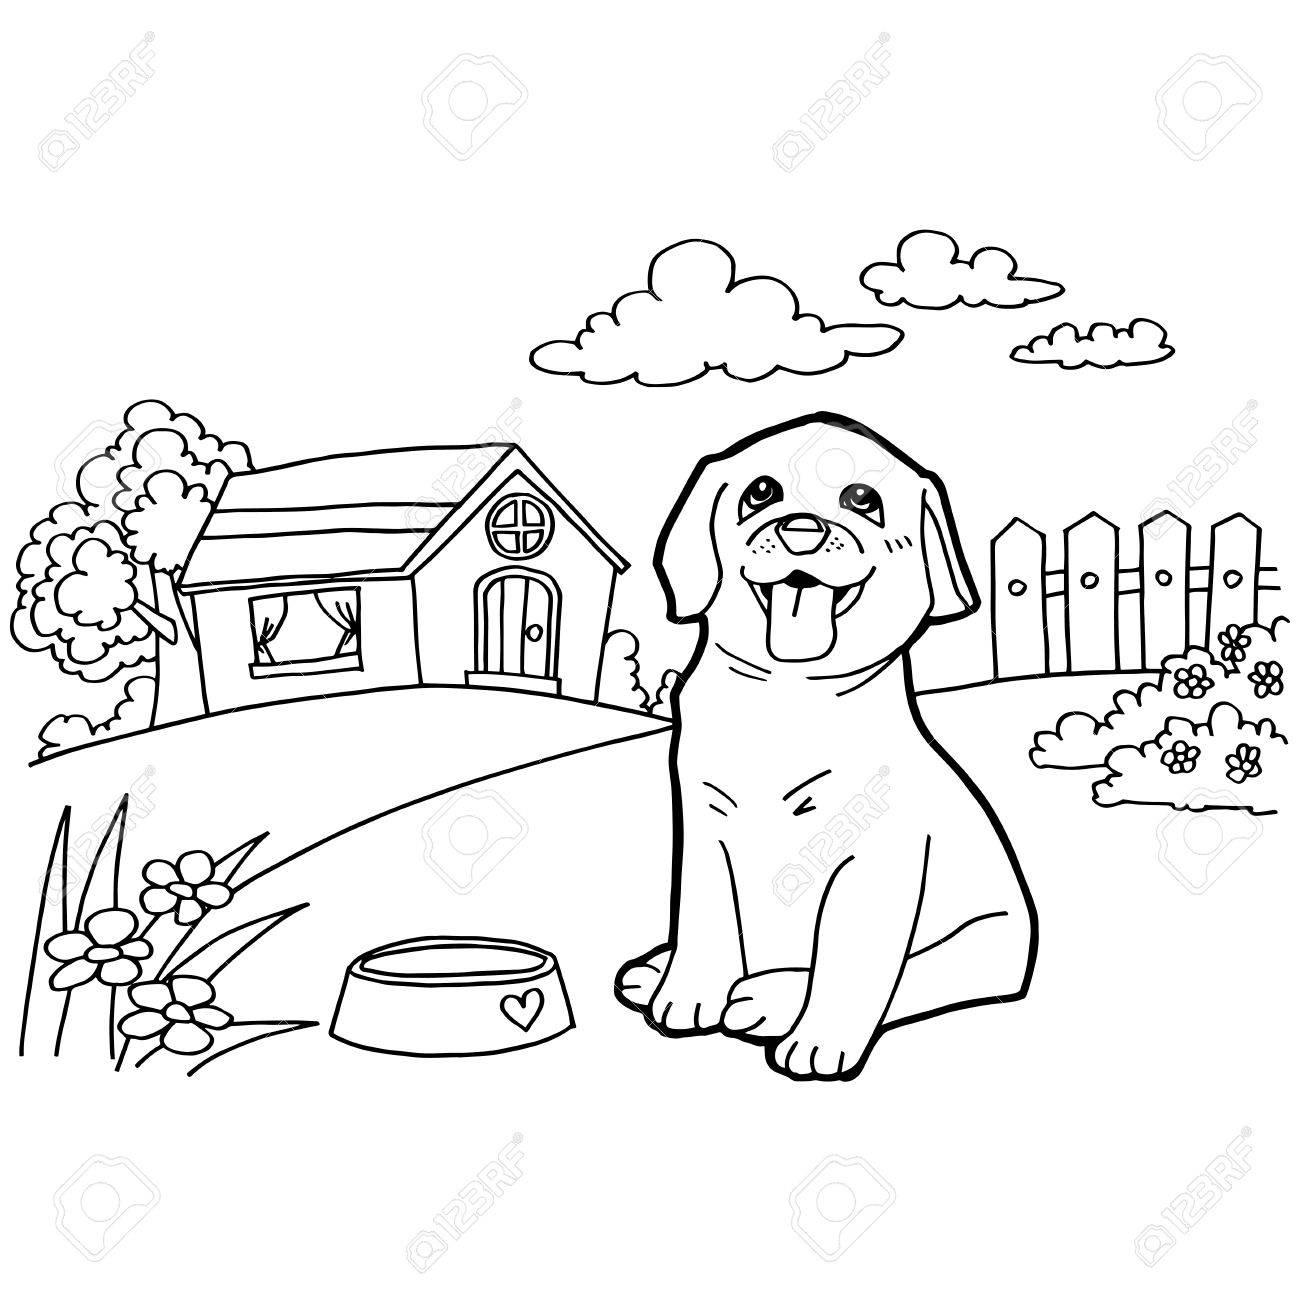 犬と風景の塗り絵のイラスト素材ベクタ Image 42723926